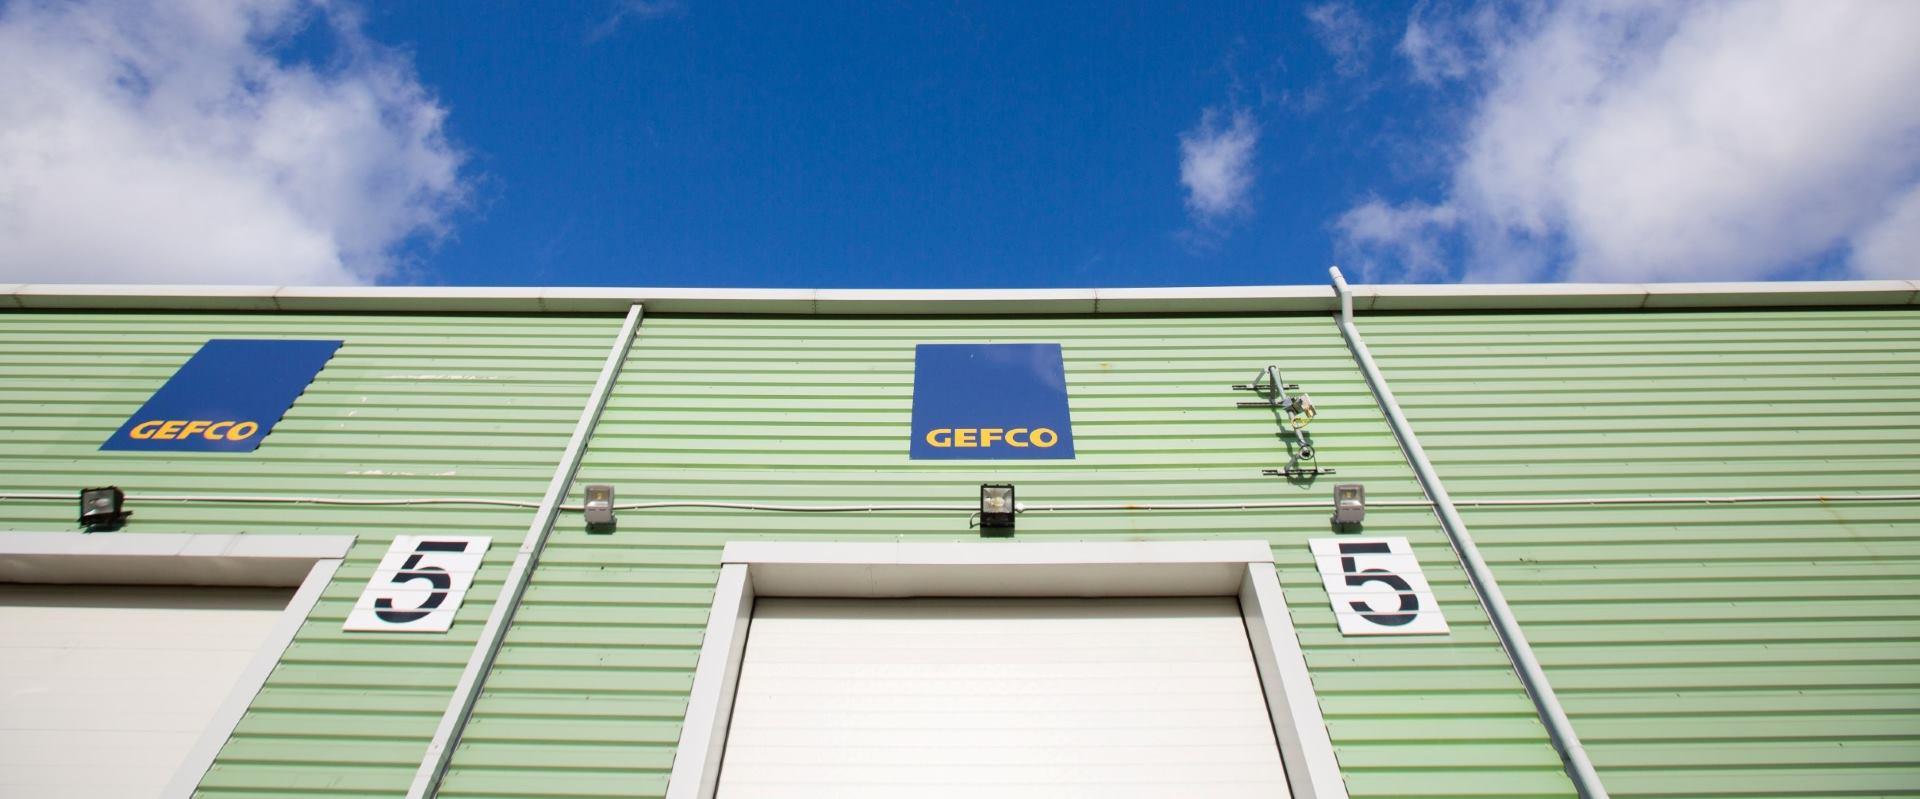 FOTO: Grupa GEFCO otvorila treće skladište za potrebe tržišta prirodnih znanosti i zdravstva